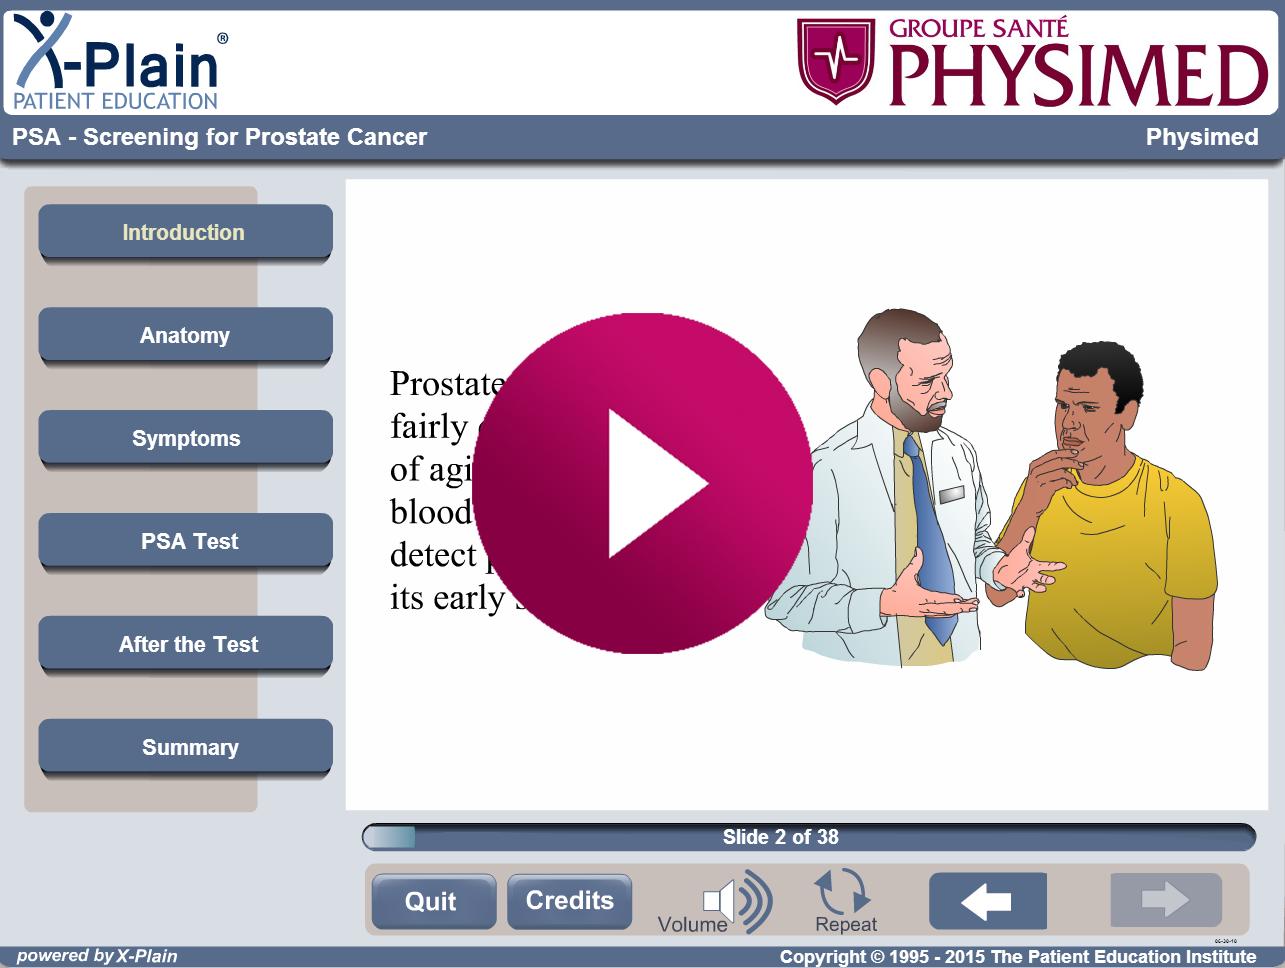 APS - dépistage du cancer de la prostate - Groupe Santé